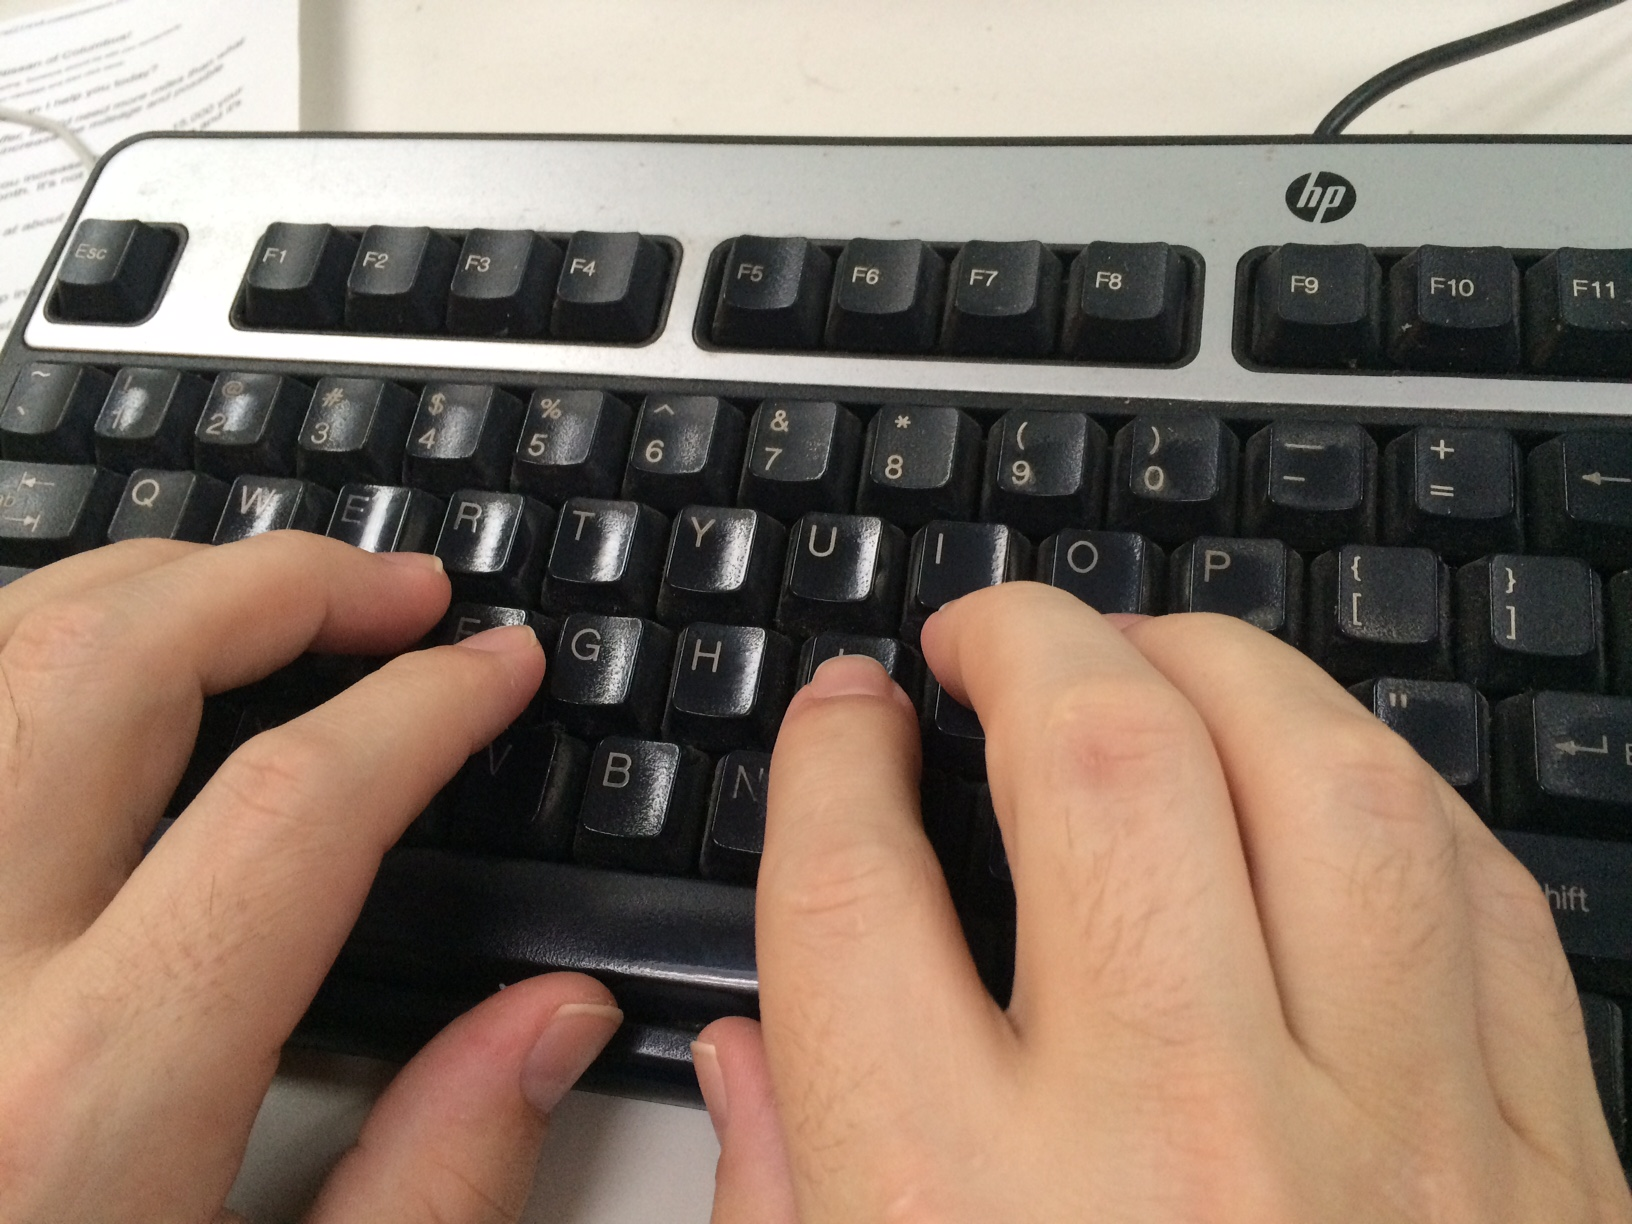 hacker hands computer stock photo_79212